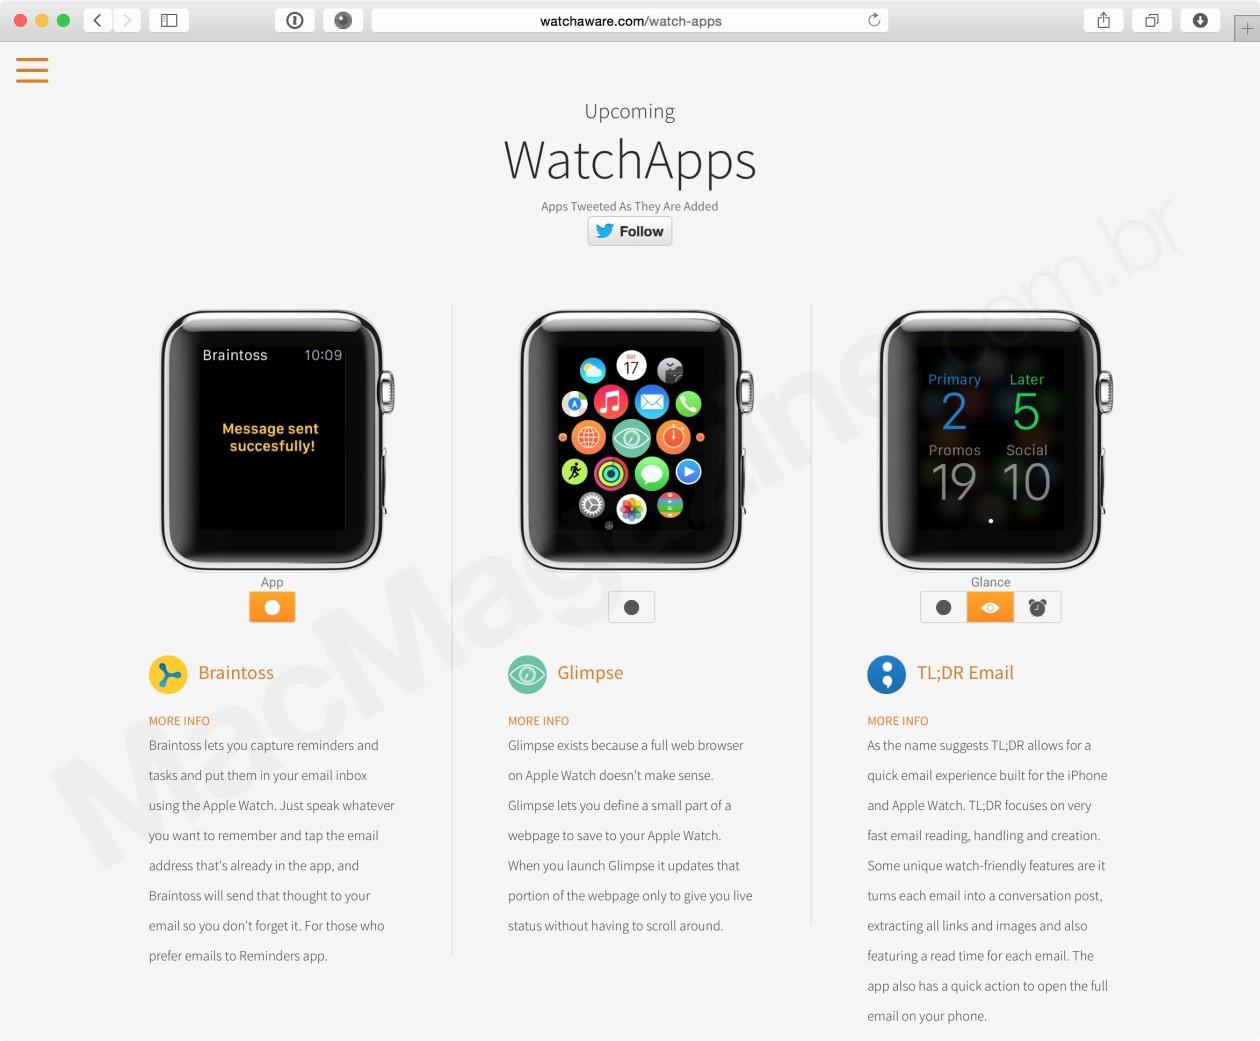 Site cria uma galeria de apps para o Watch